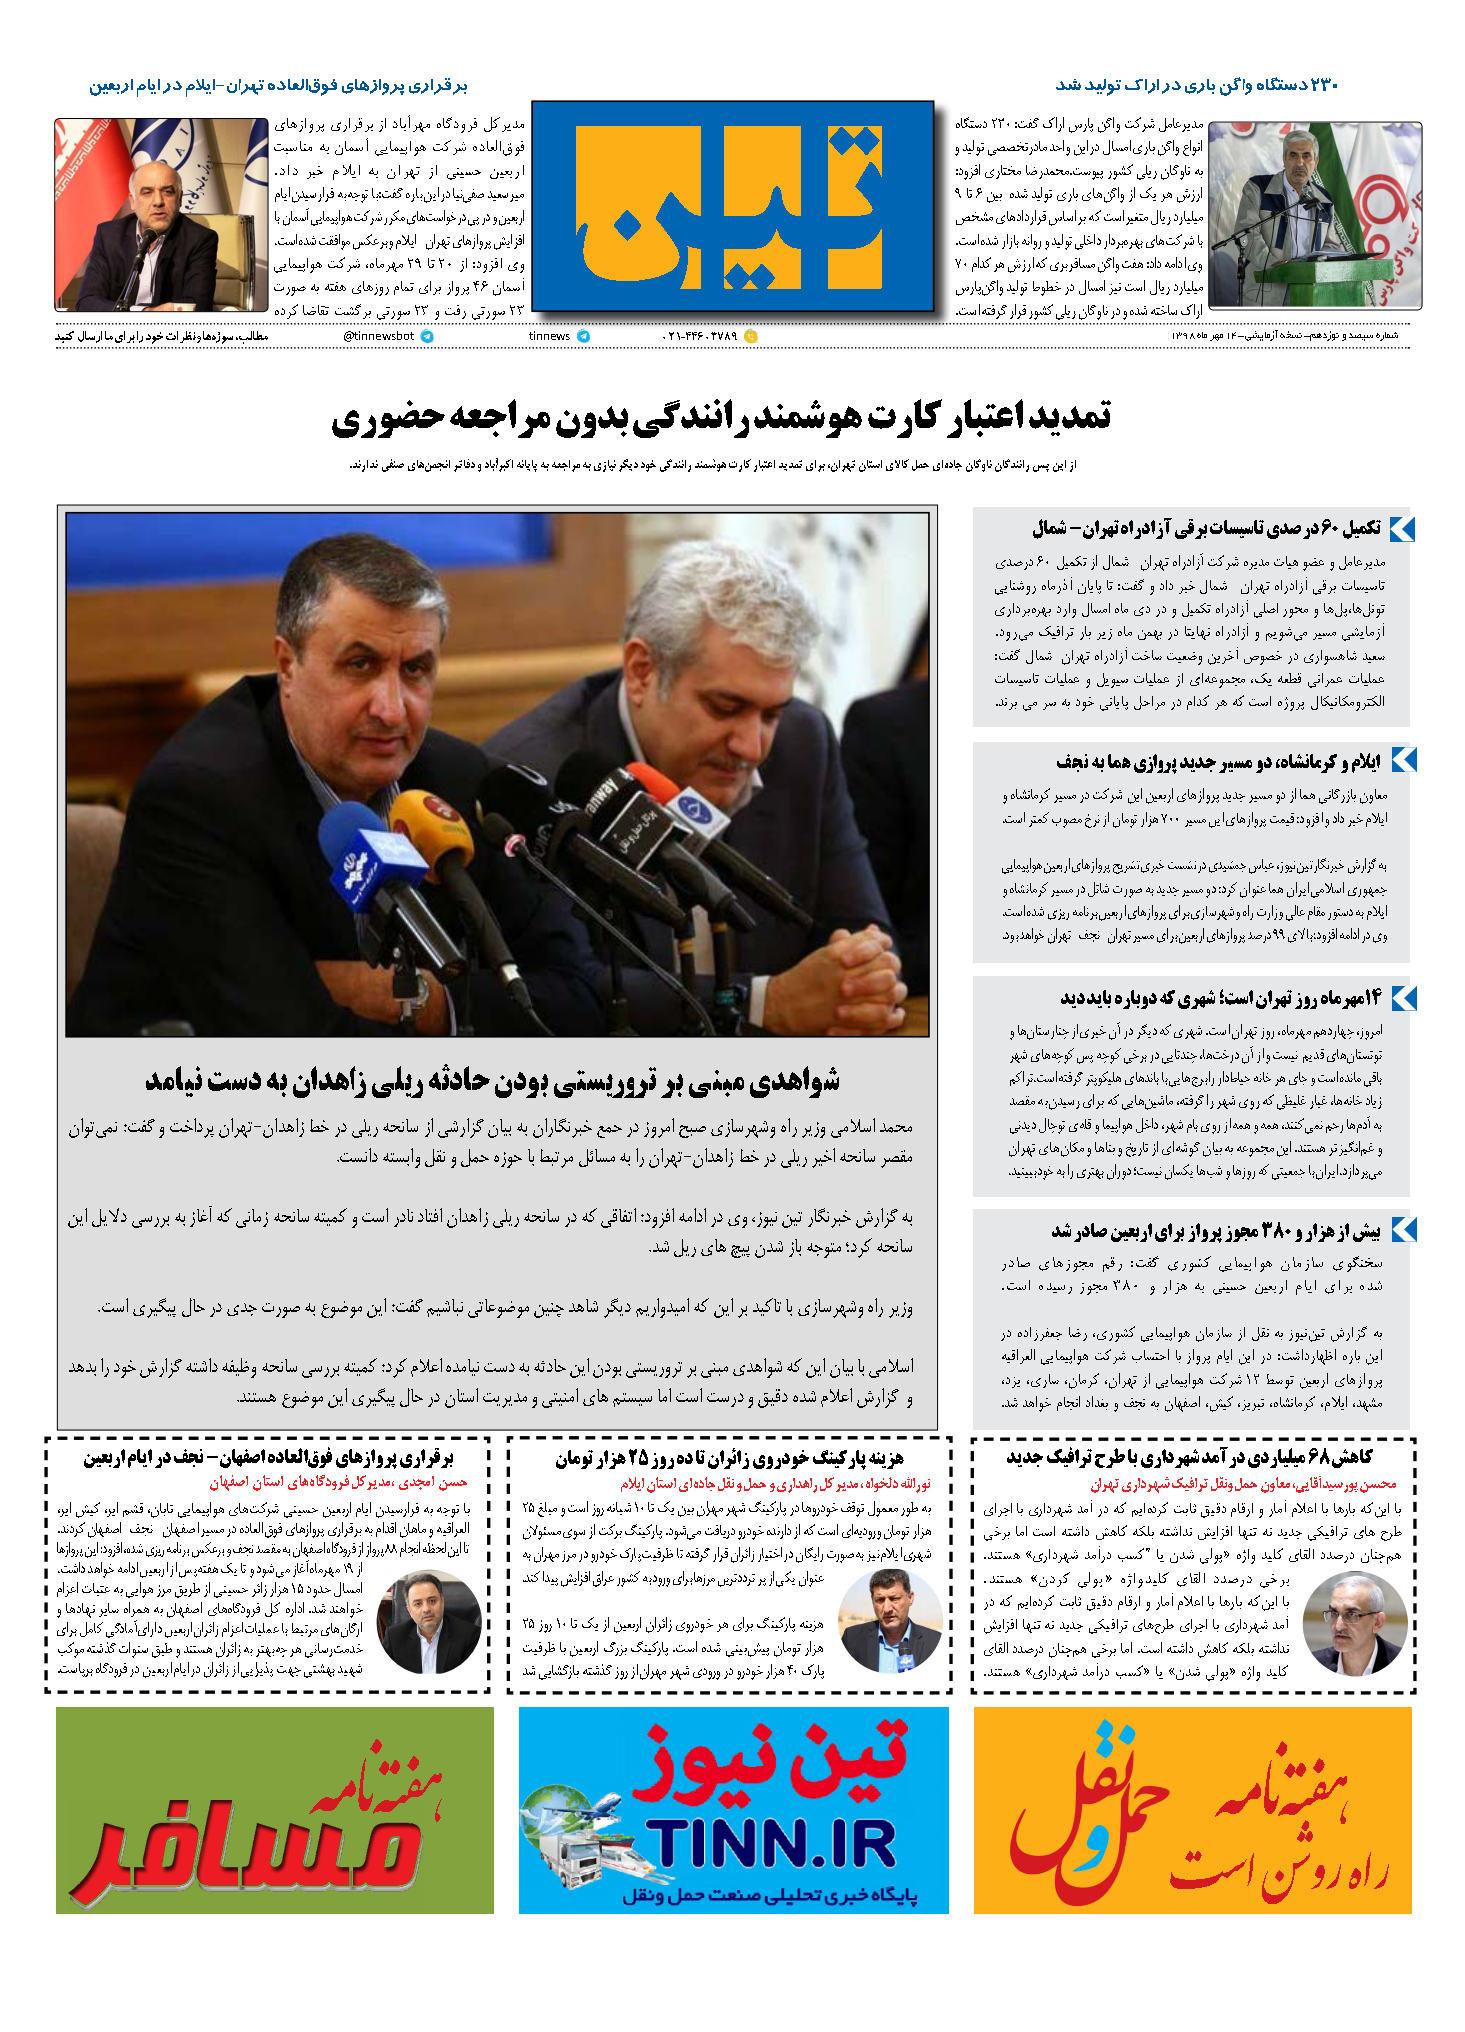 روزنامه الکترونیک 14 مهرماه 98